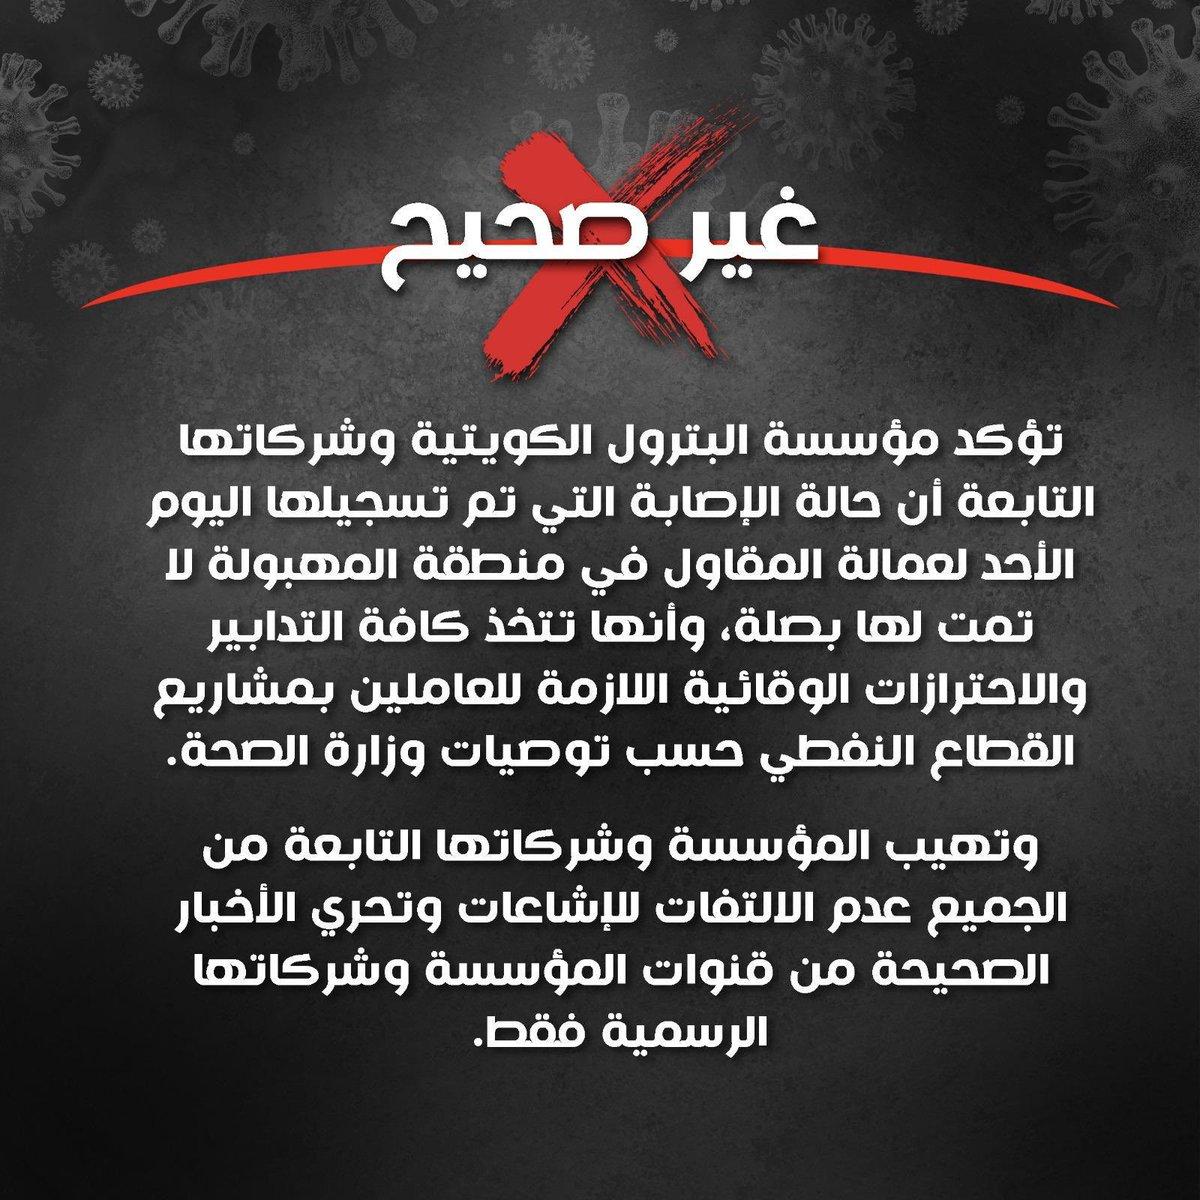 بيان من مؤسسة البترول الكويتية https://t.co/SsKW4iTg4i